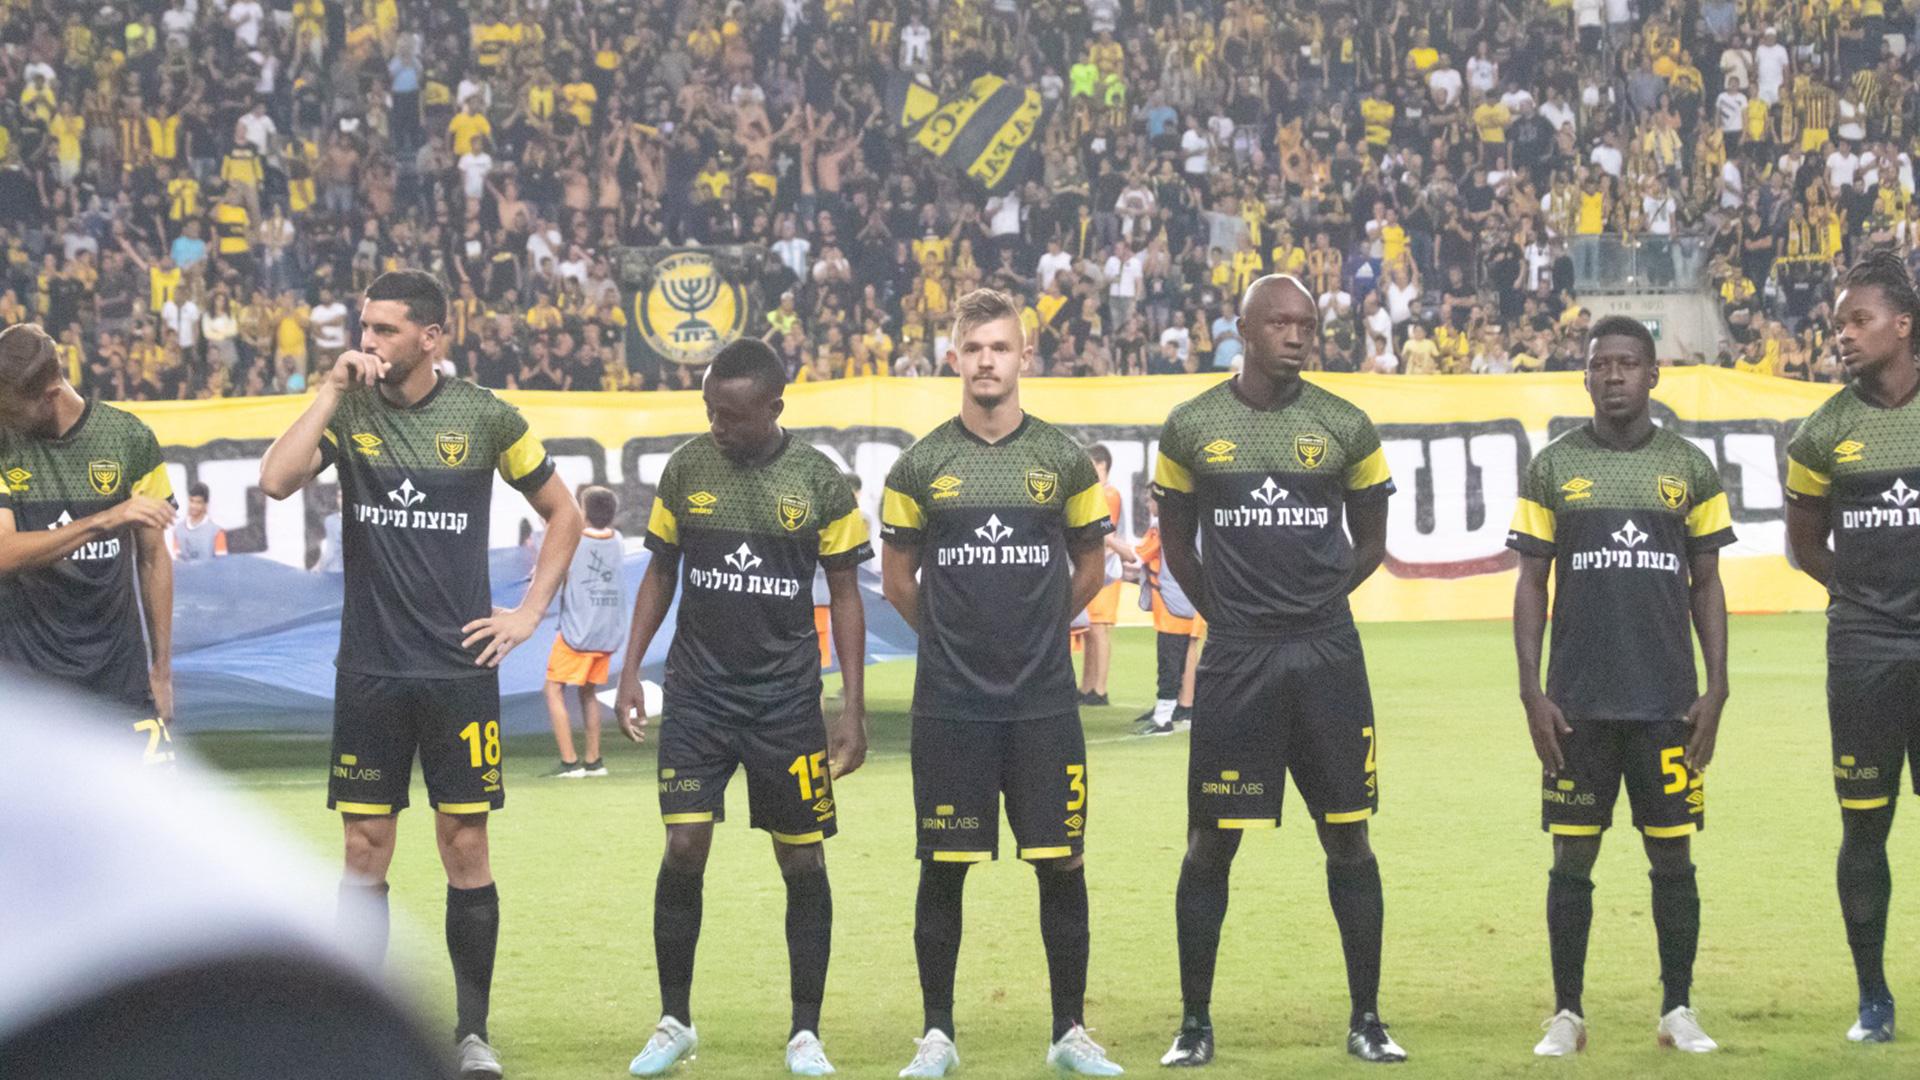 שחקני הקבוצה